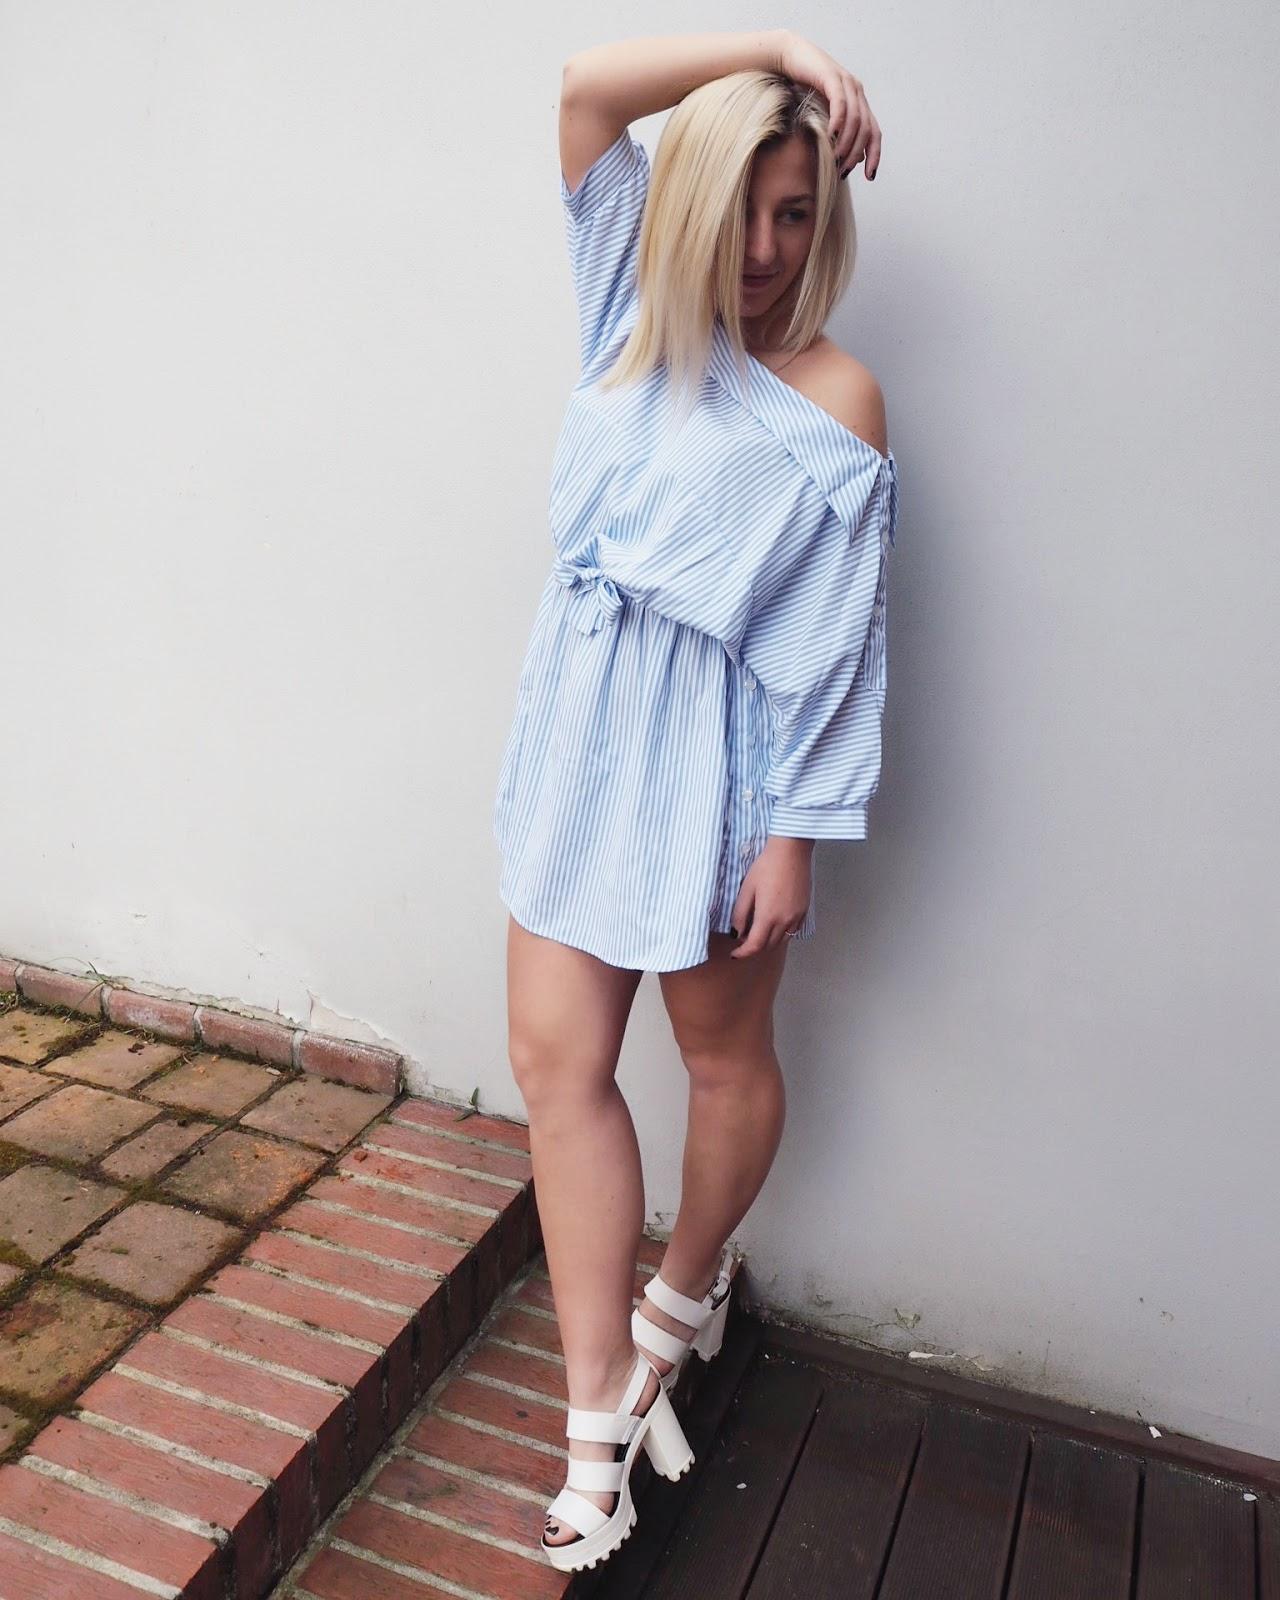 b6093c987 Tyhle košilové šaty jsem opět sehnala na Vinted a strašně se mi líbil  jejich tvar a holé rameno.